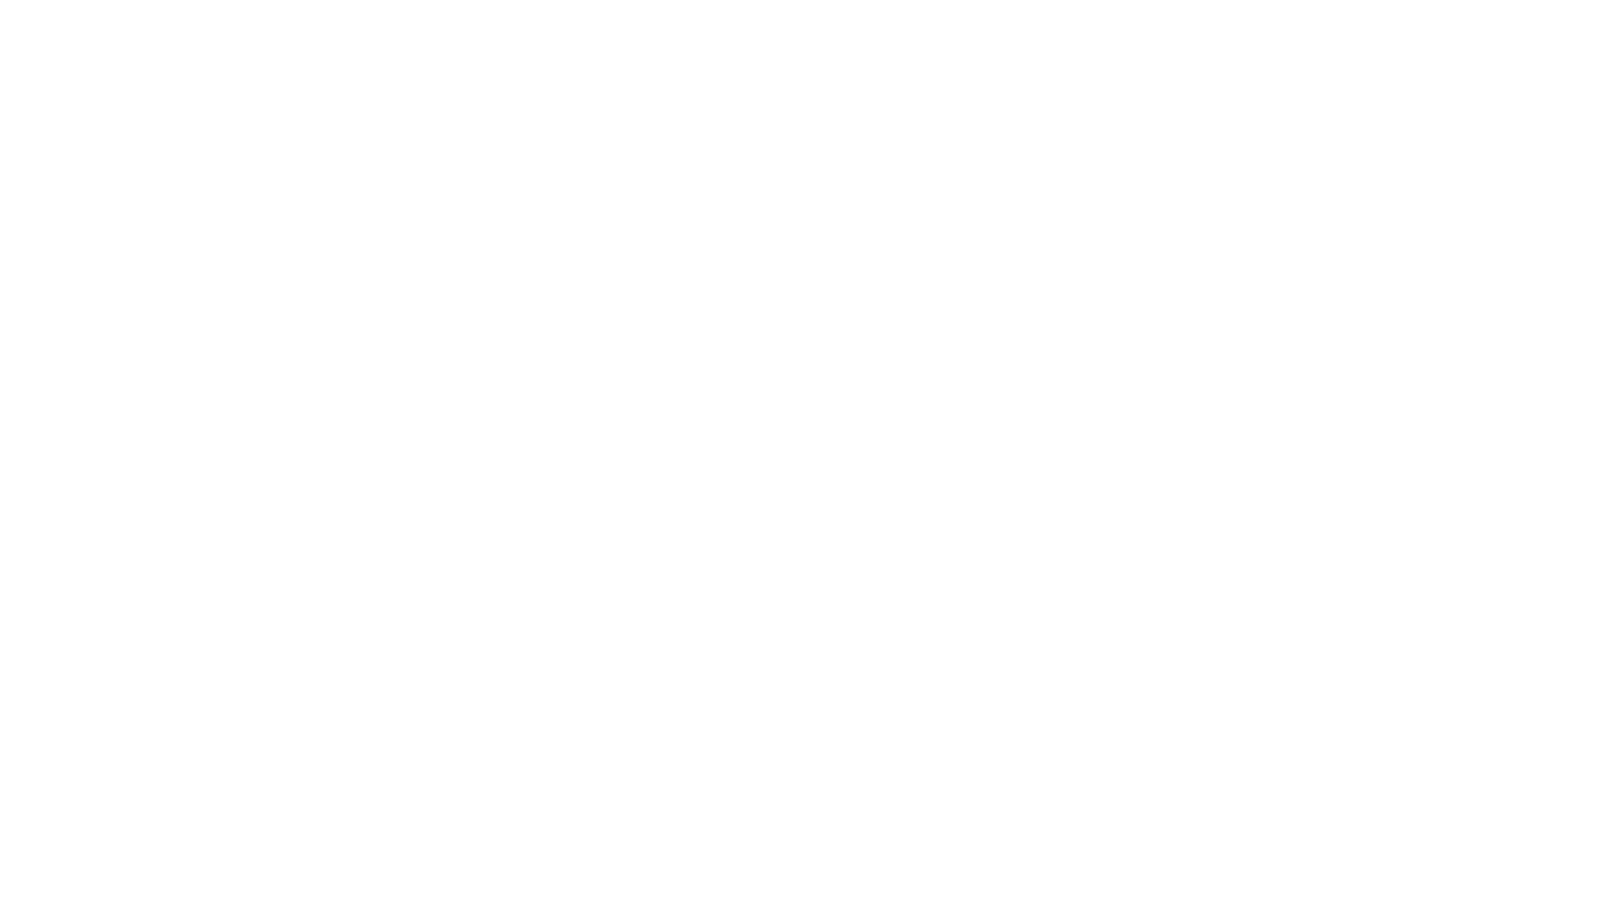 Un buen grosor endometrial es fundamental para conseguir embrazo.  En este vídeo, la Dra. Andrea Casajuana, nos explica un posible tratamiento para mejorar el grosor endometrial cuando éste es demasiado fino.  Si tienes cualquier duda, contacta con nosotros y estaremos encantados de solucionarte las preguntas que tengas.  Podéis pedir una primera consulta (sin coste) con una de nuestras doctoras especialistas en Reproducción Asistida, que puede ser por videollamada o presencial. Para pedir cita, llama al 917401690, o hazlo a través de nuestra web (www.urh.es) o en el whattsapp 650132422.  Encontrarás este y muchos temas interesantes en nuestro blog:  www.urh.es/blog